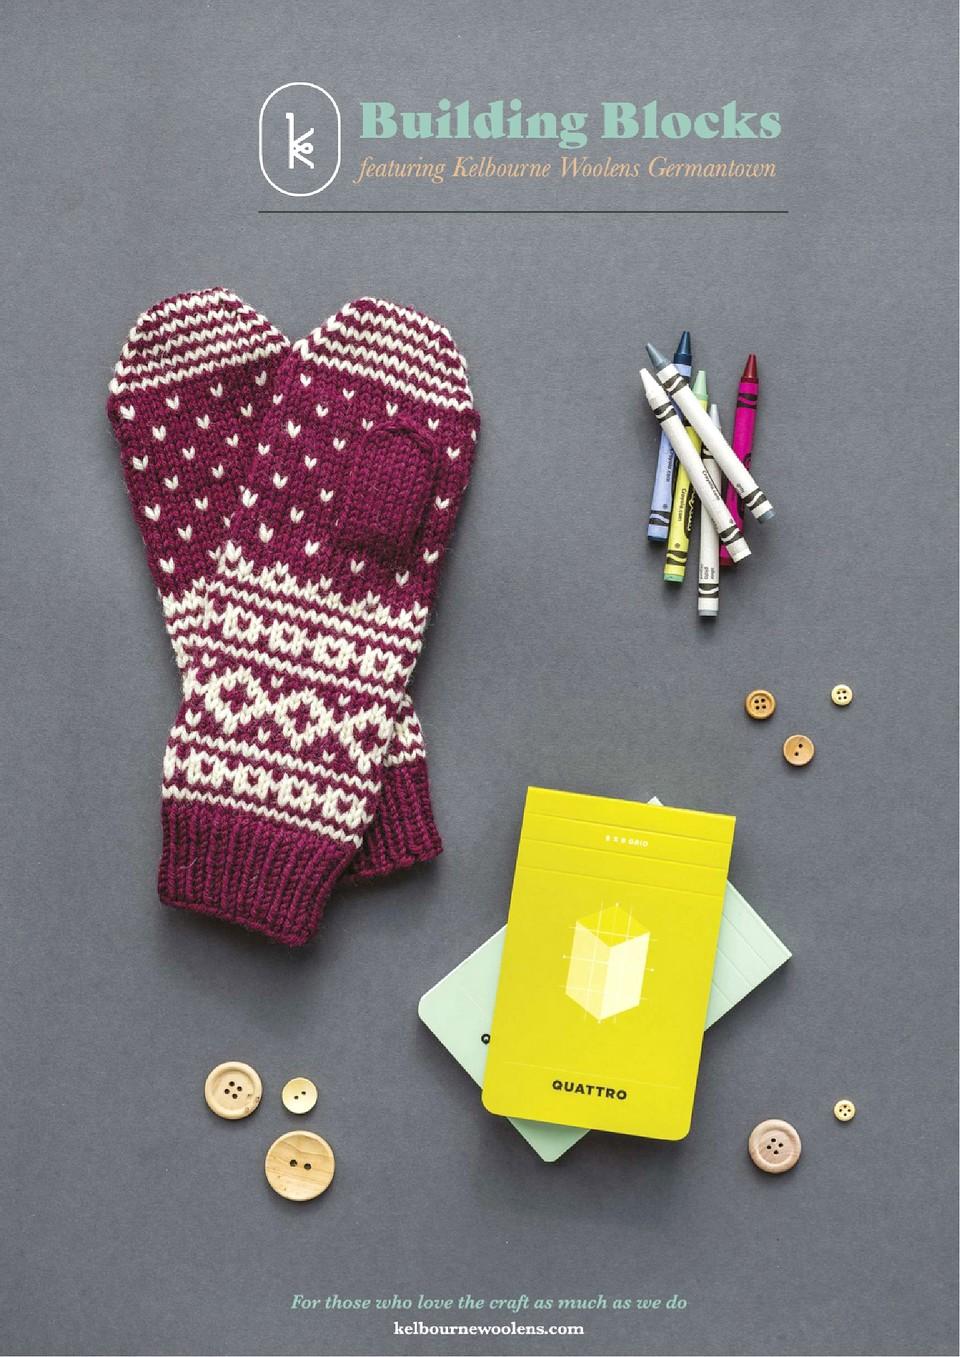 132The-Knitter-008